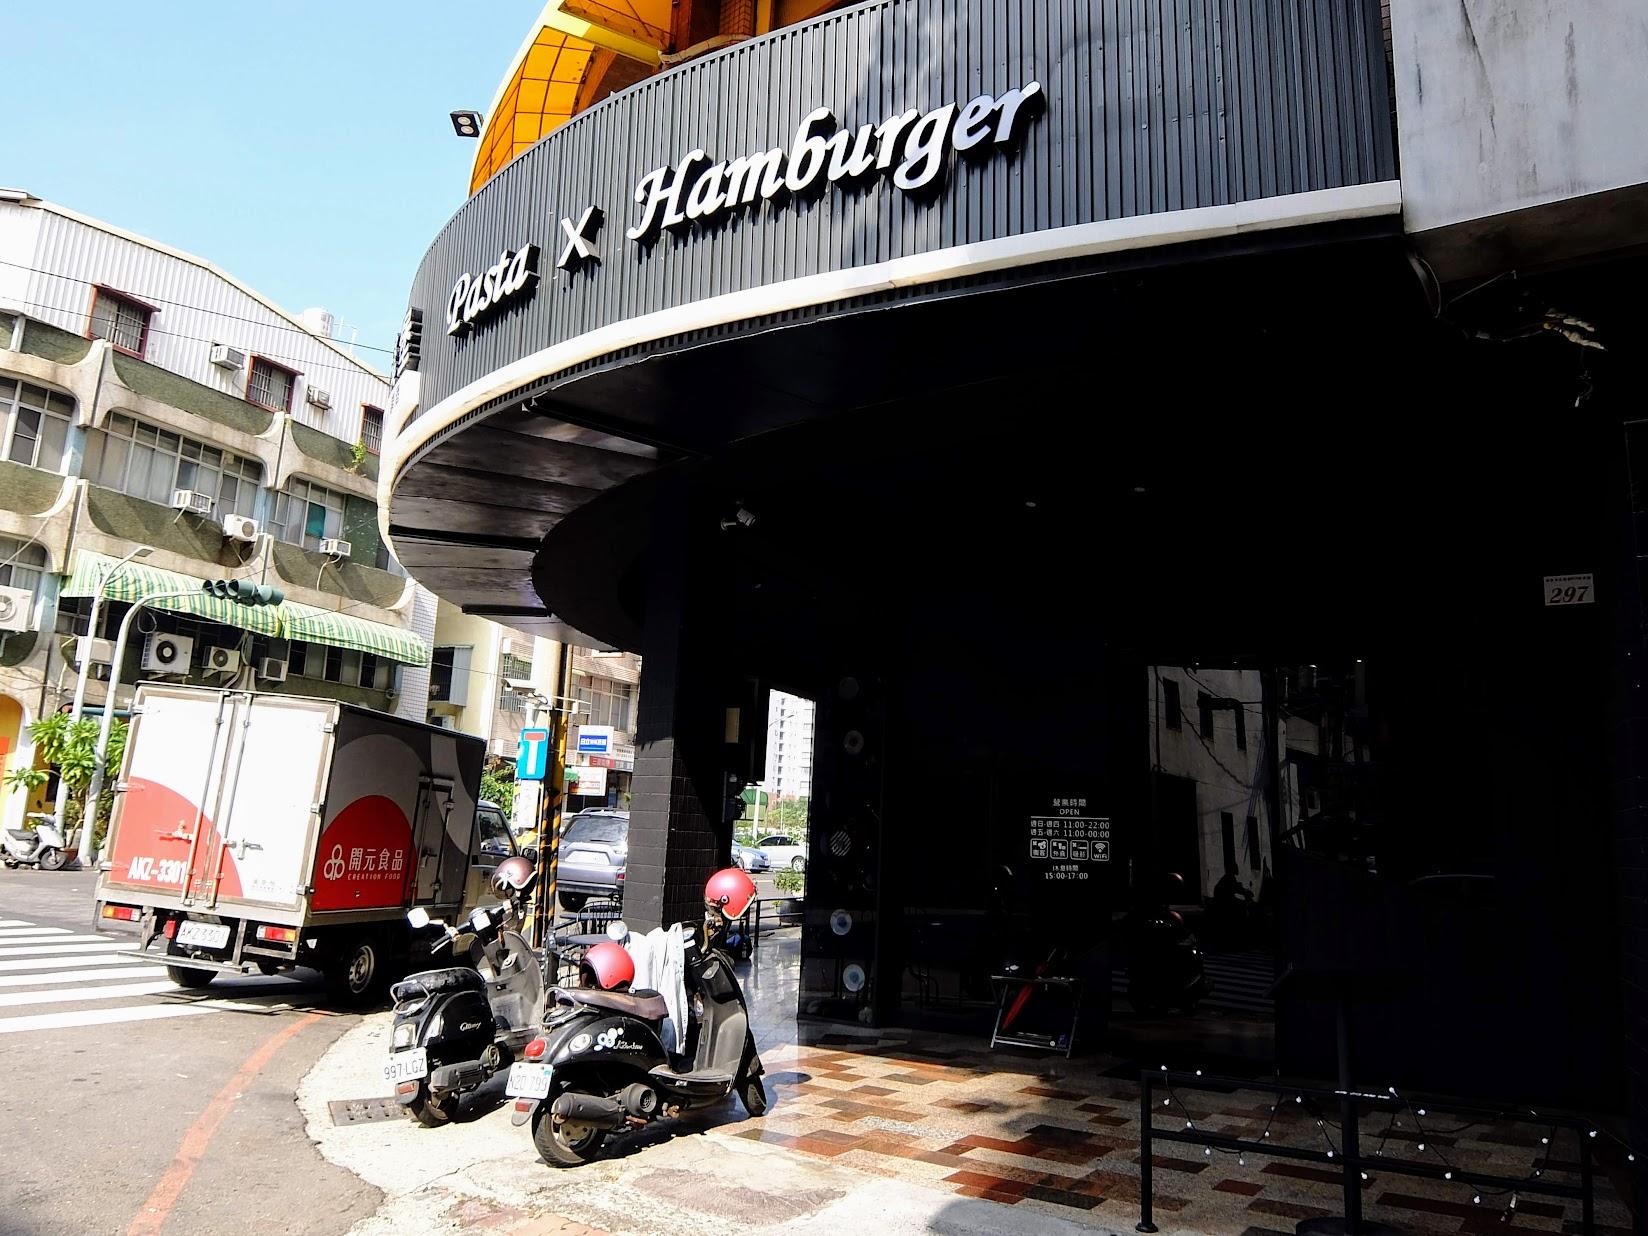 布雷克漢堡,裝潢還真的以black為主題XD